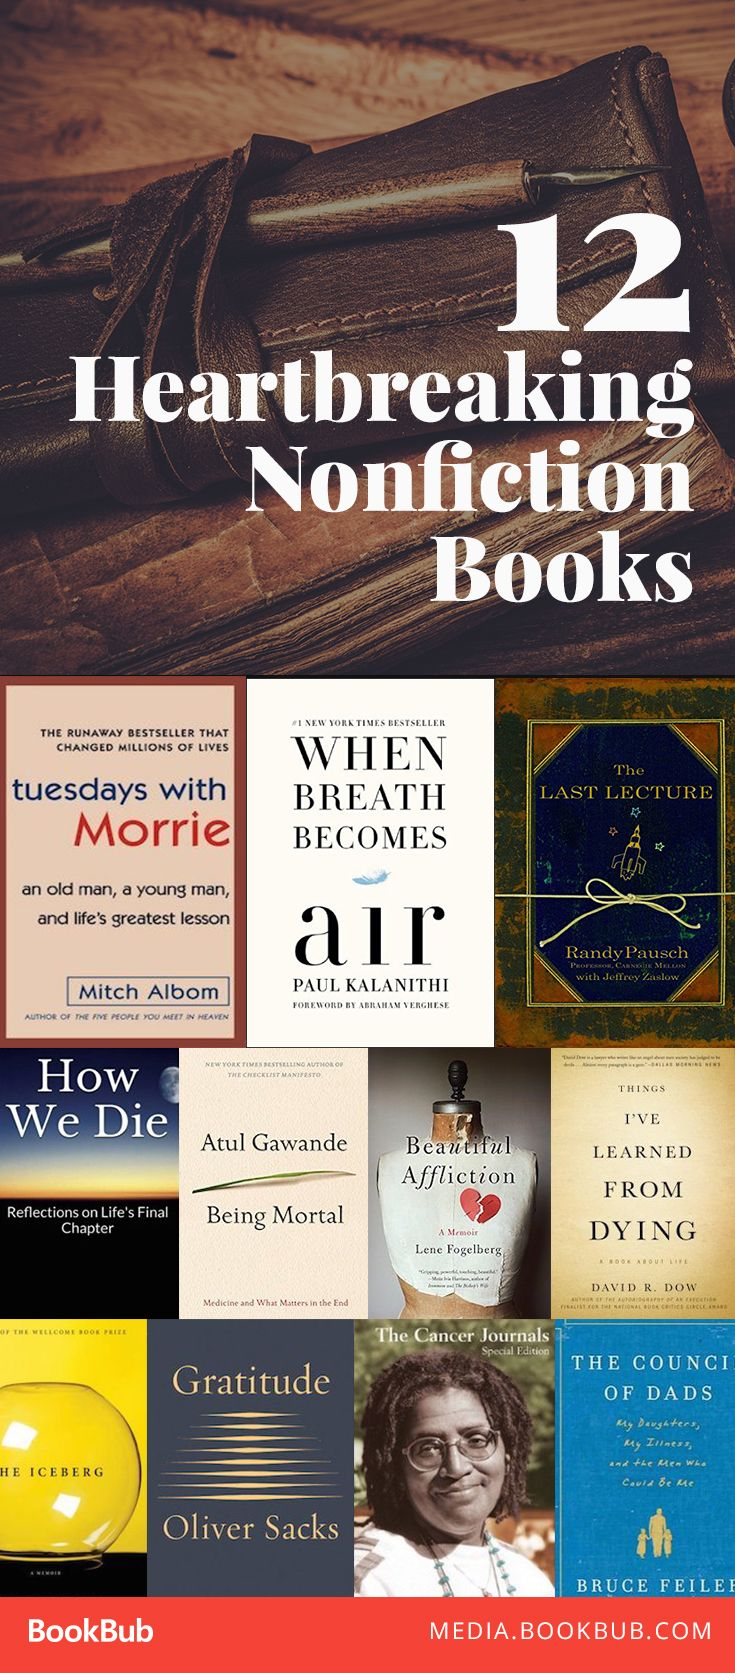 is tuesdays with morrie a memoir